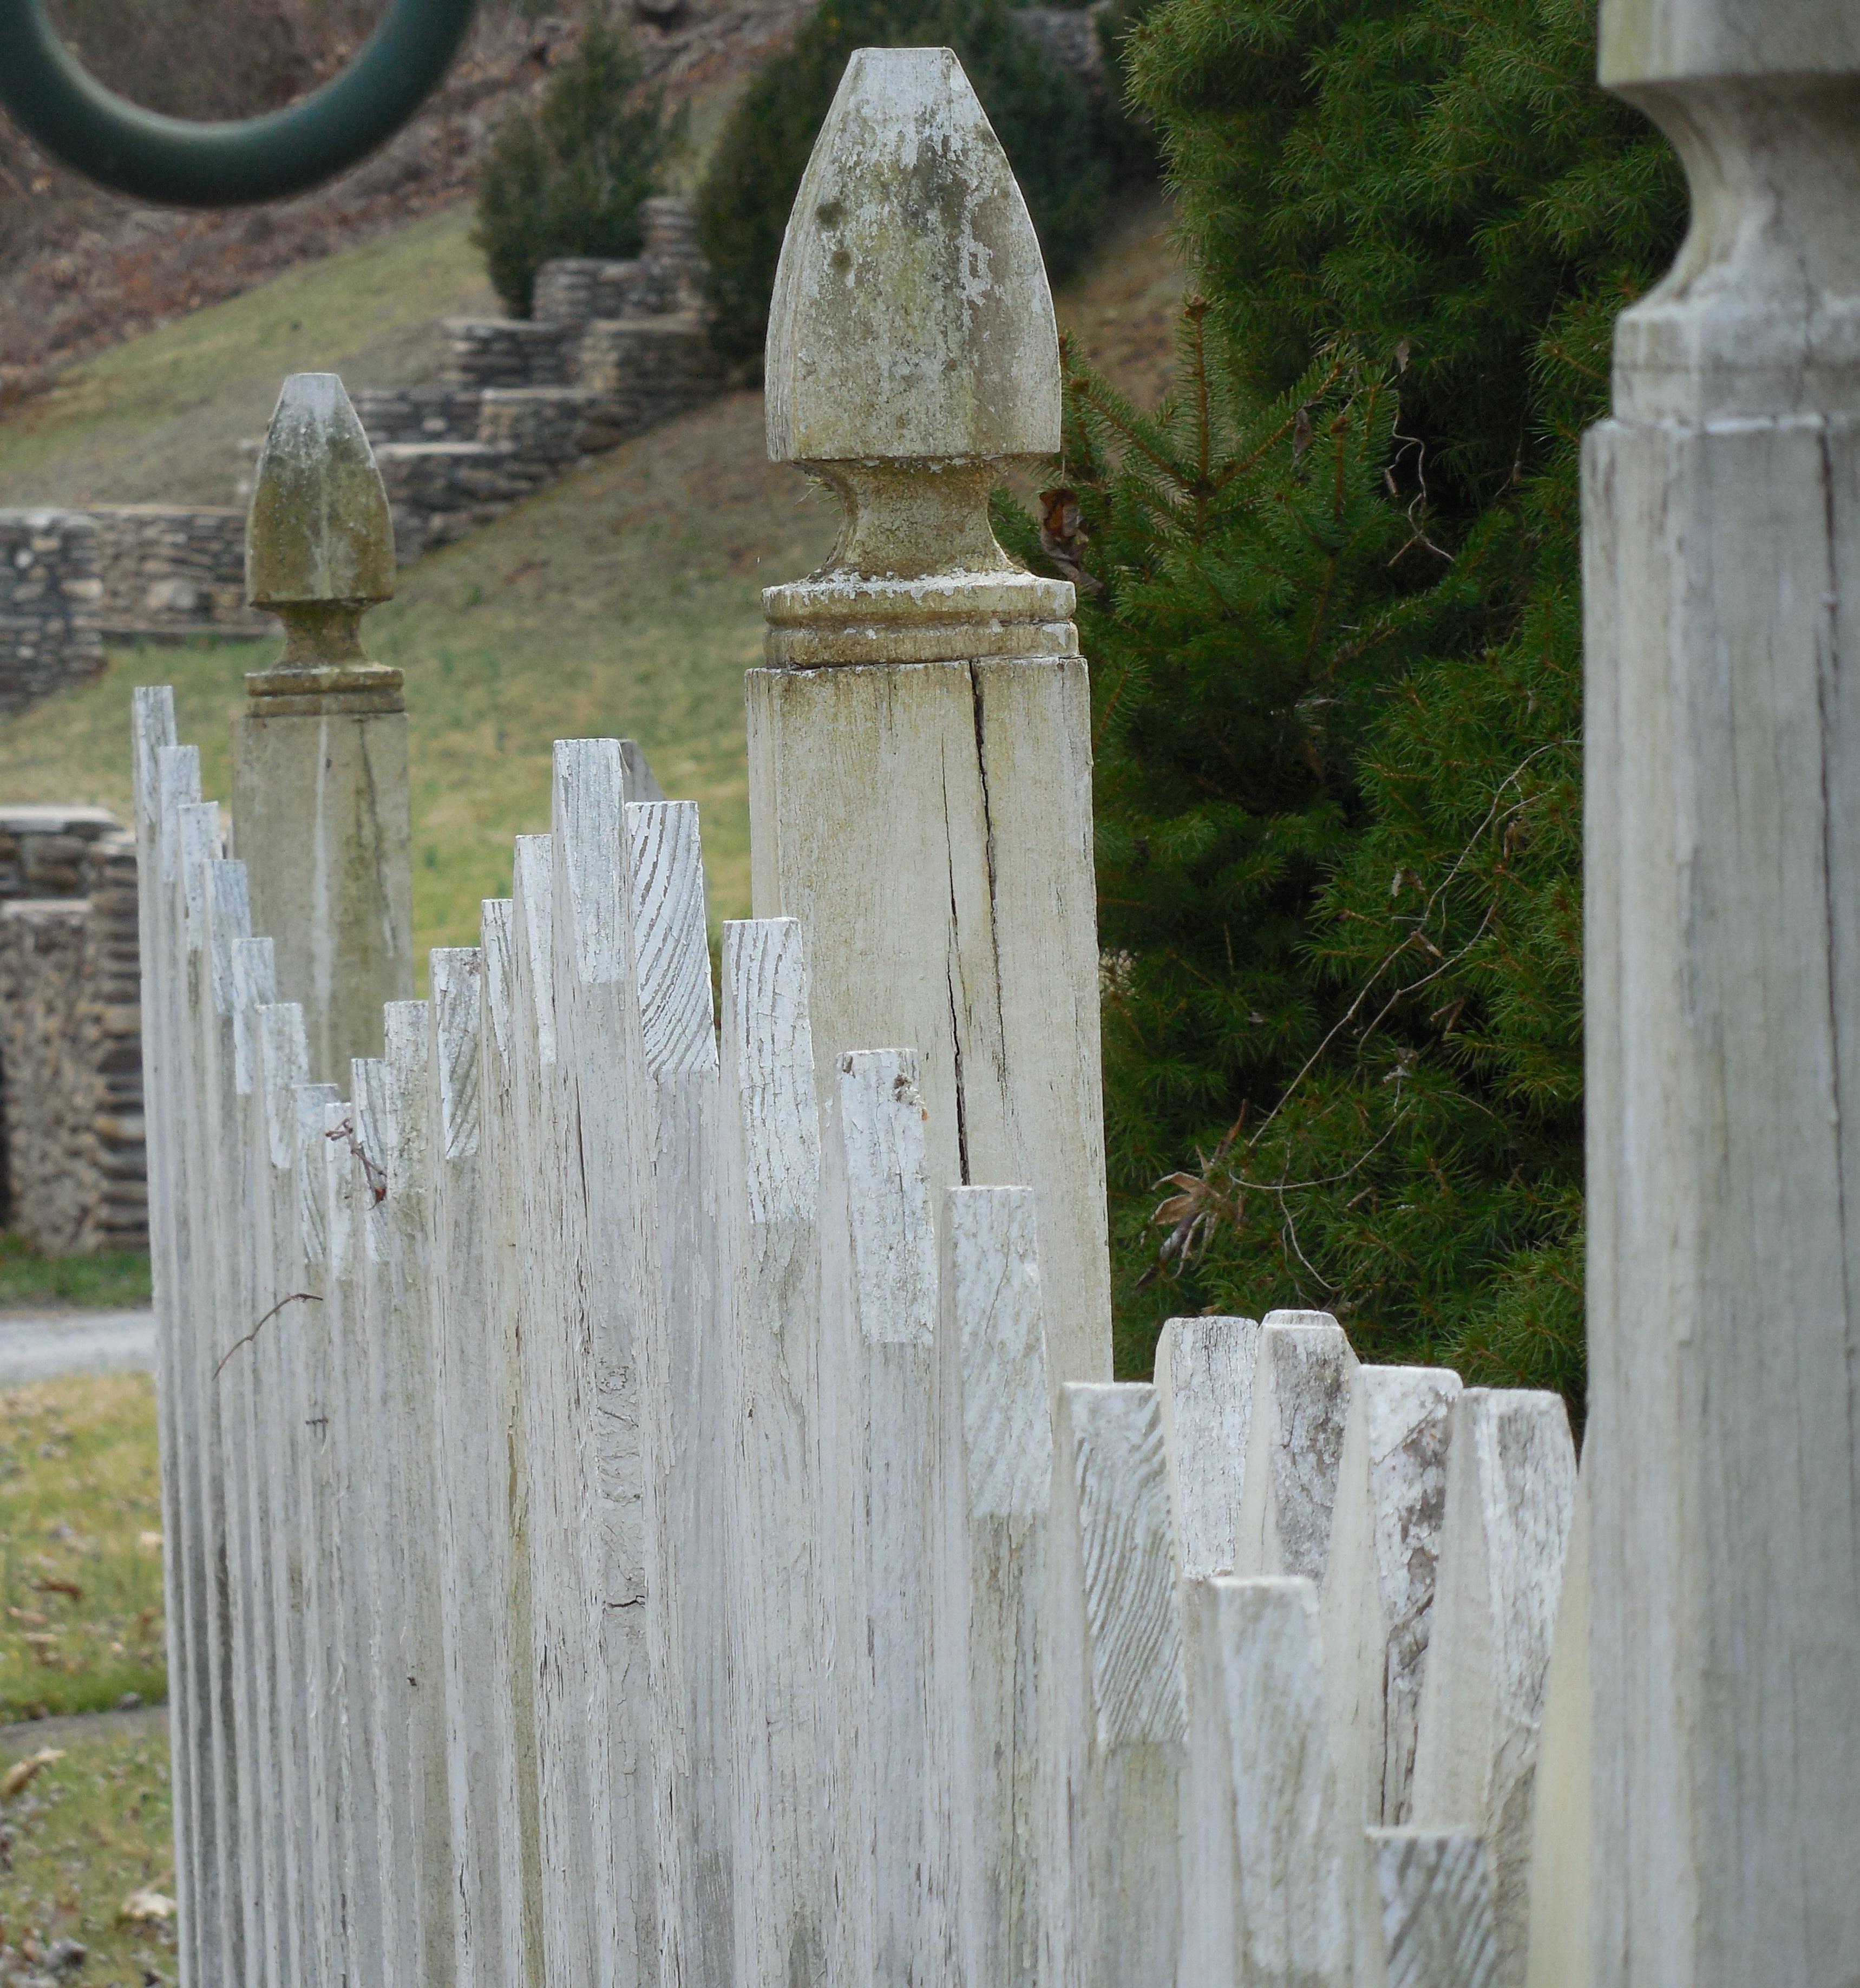 picket-fence-fence-white-wood-678617